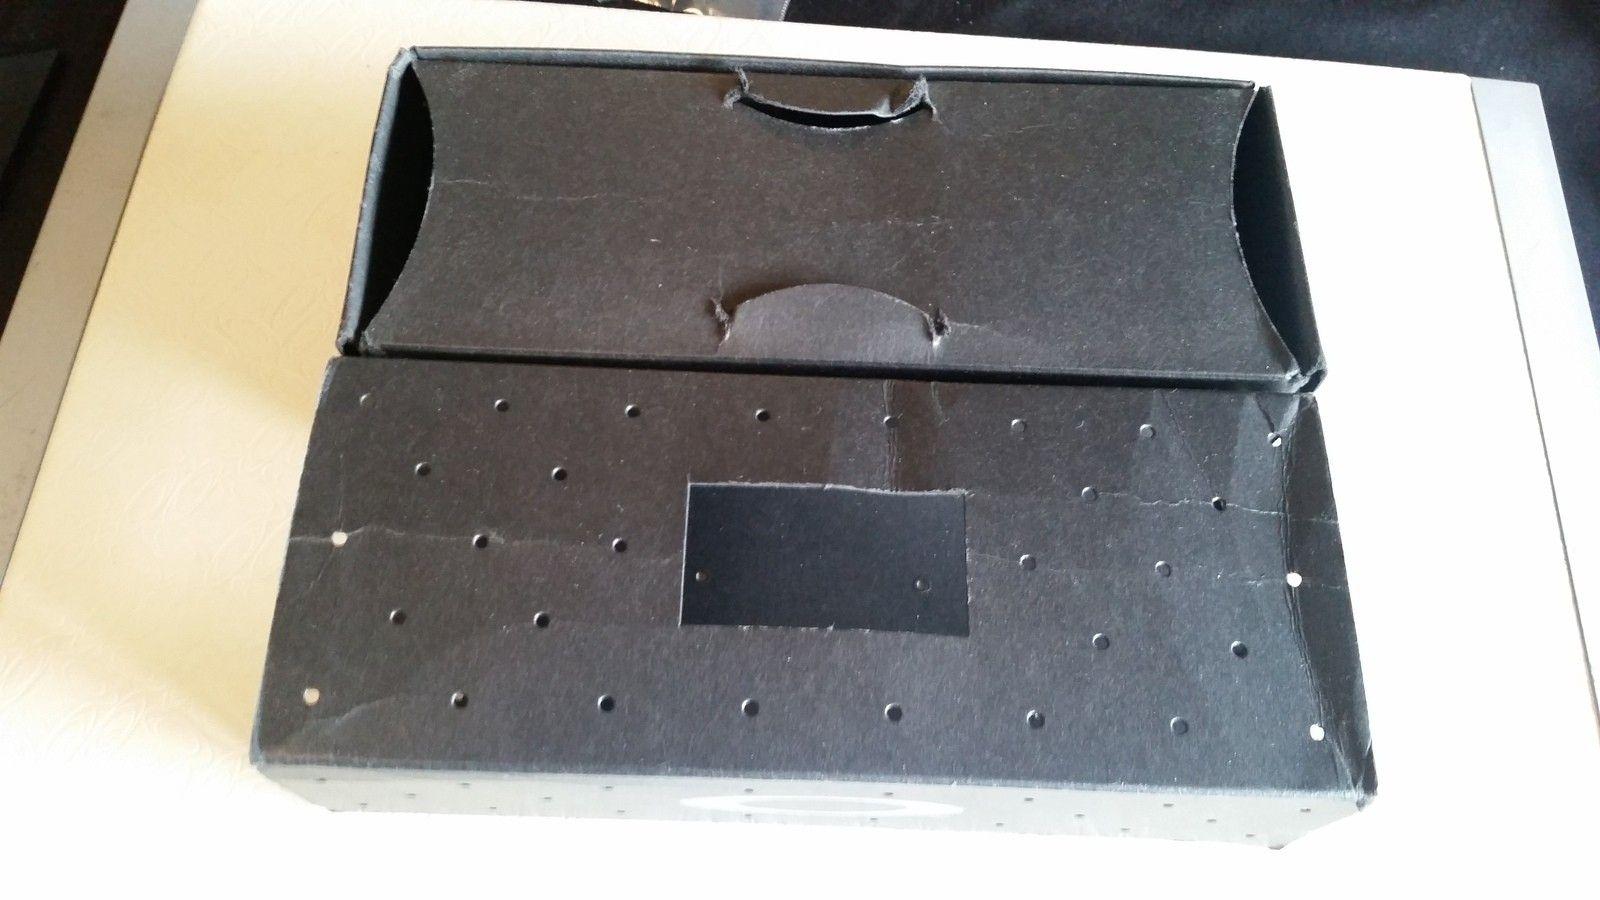 Everything Juliet, OTT, lenses, rubbers, accessories - uploadfromtaptalk1434920068301.jpg